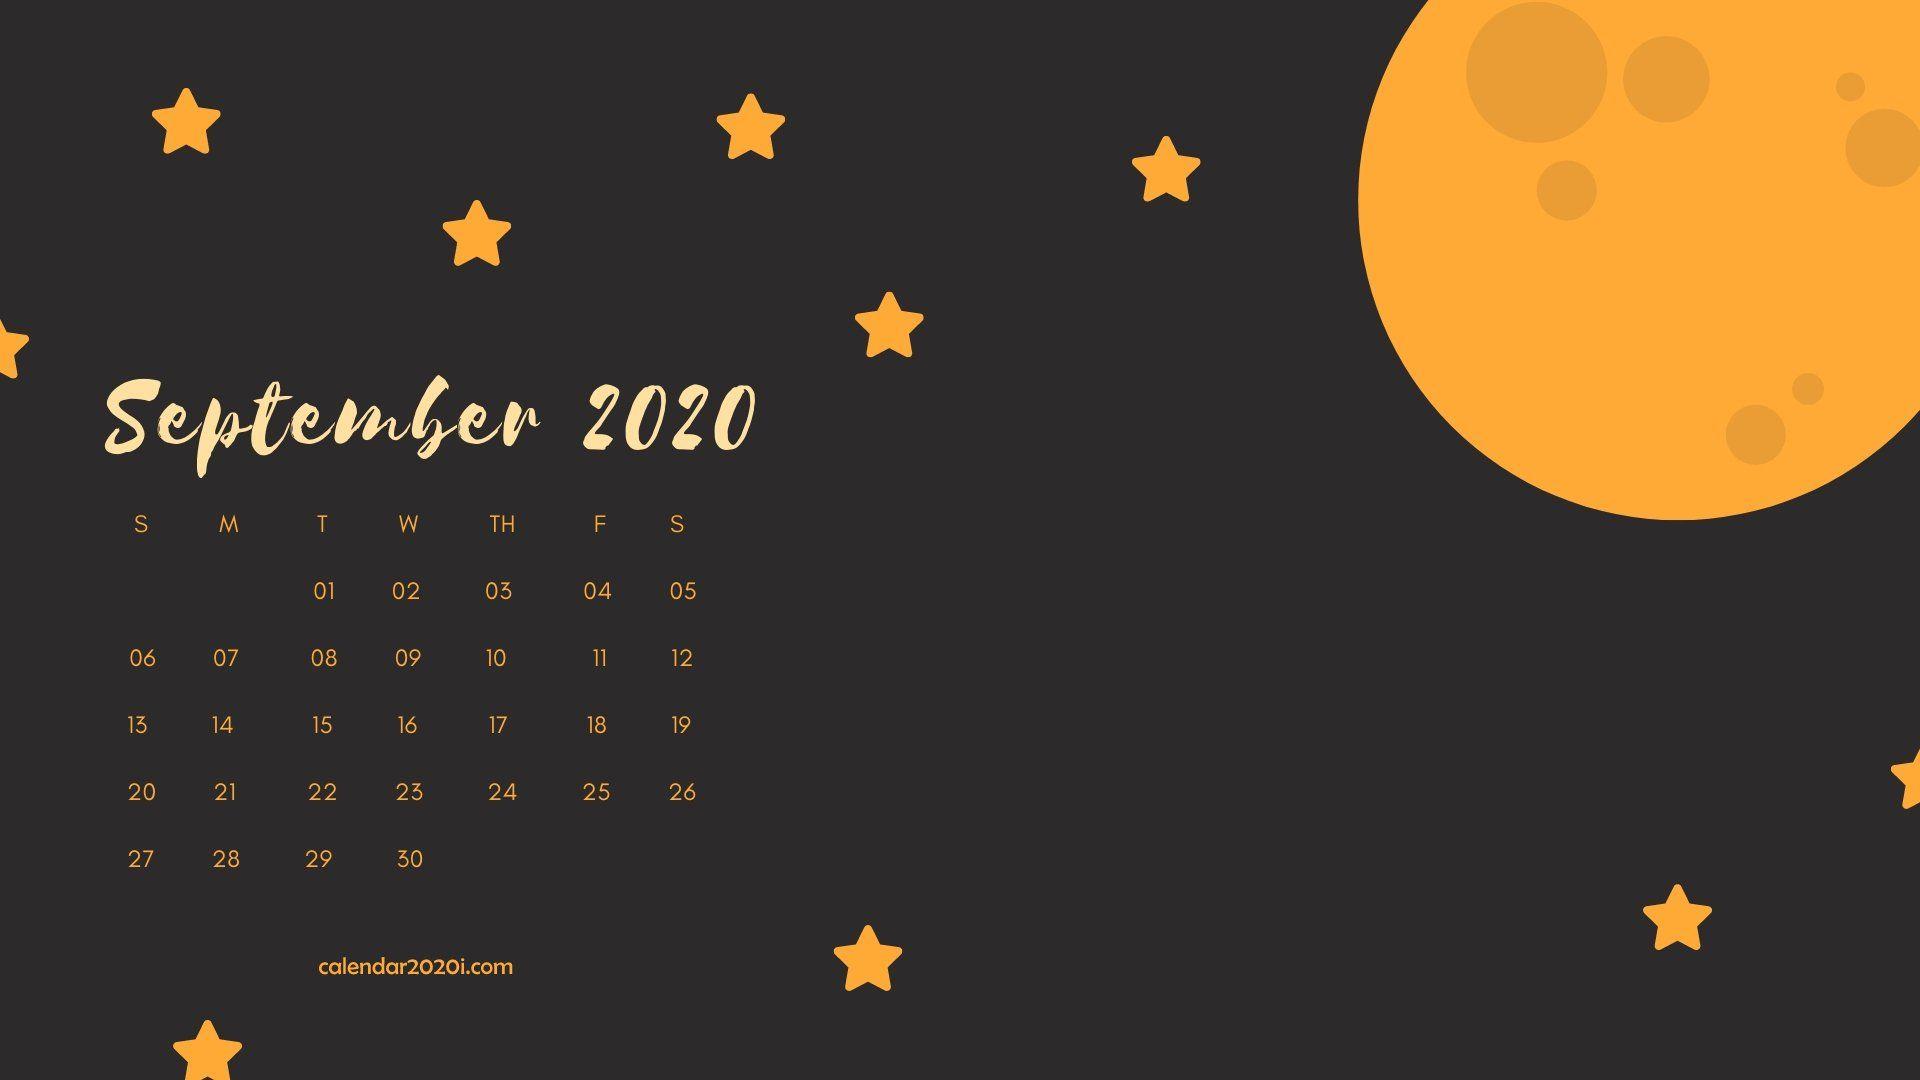 September 2020 Calendar Desktop Wallpaper in 2019 Calendar 1920x1080